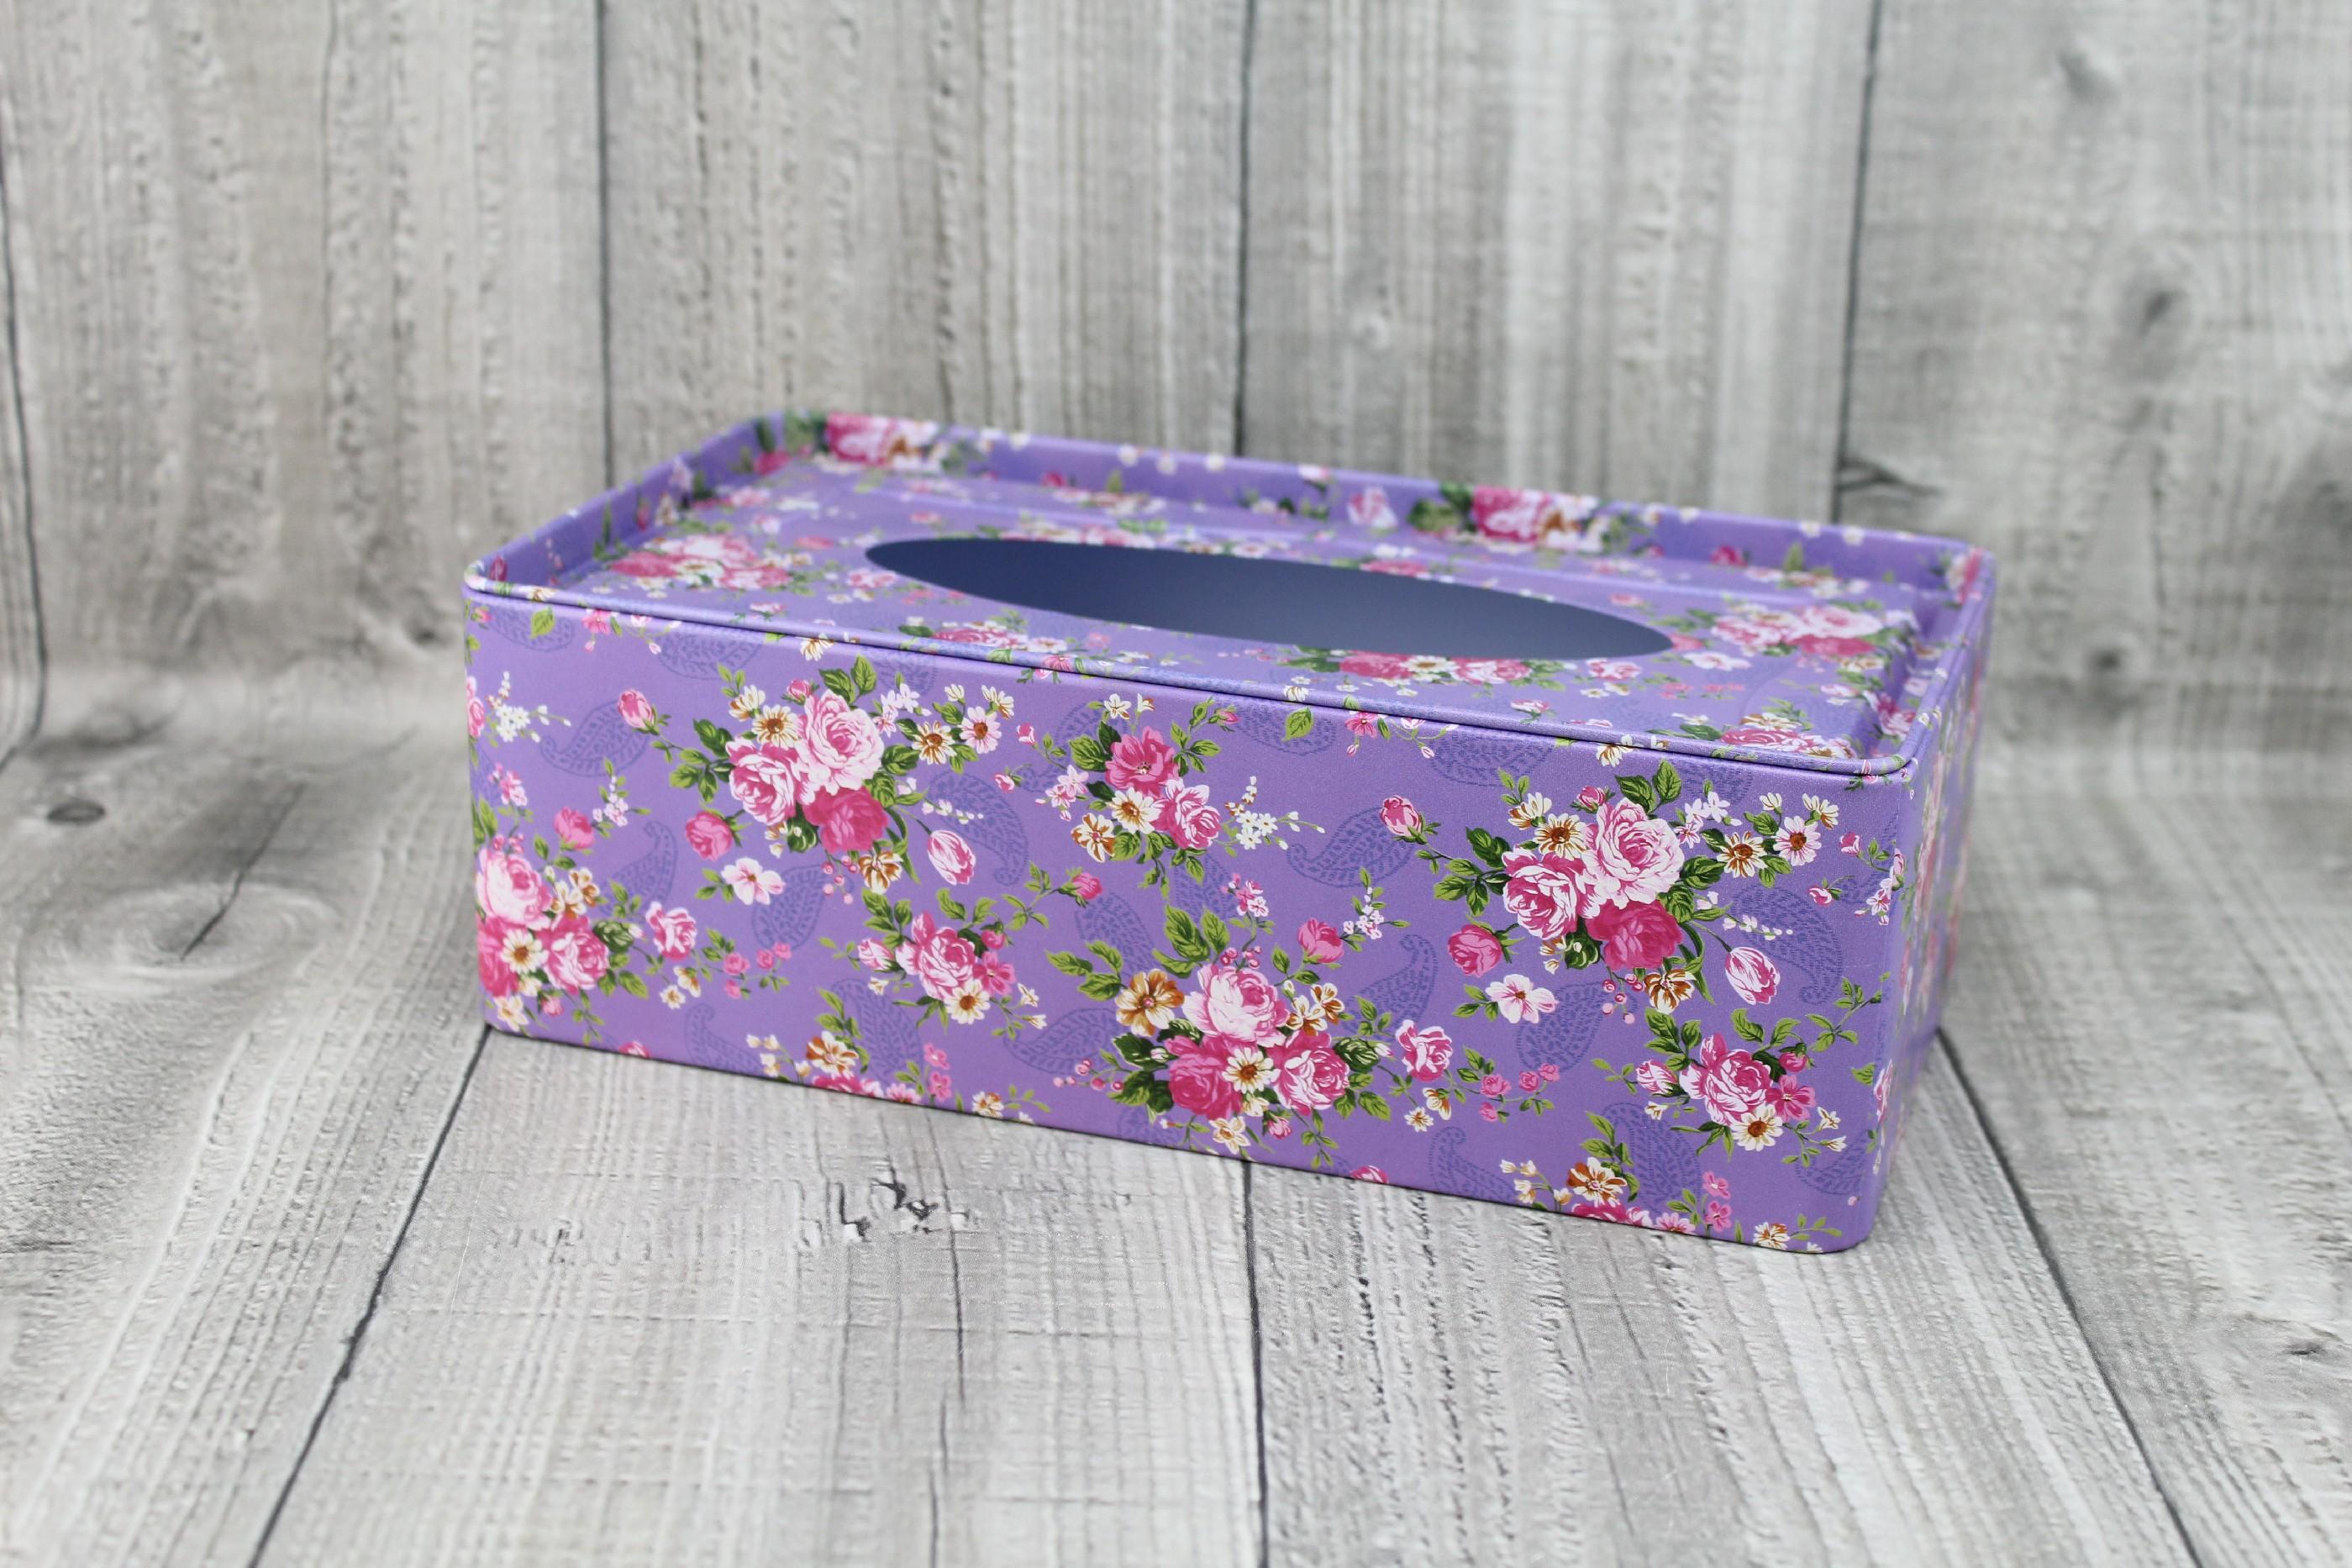 Krabice na kapesníky-fialová s květy počet kusů: včetně kapesníčků